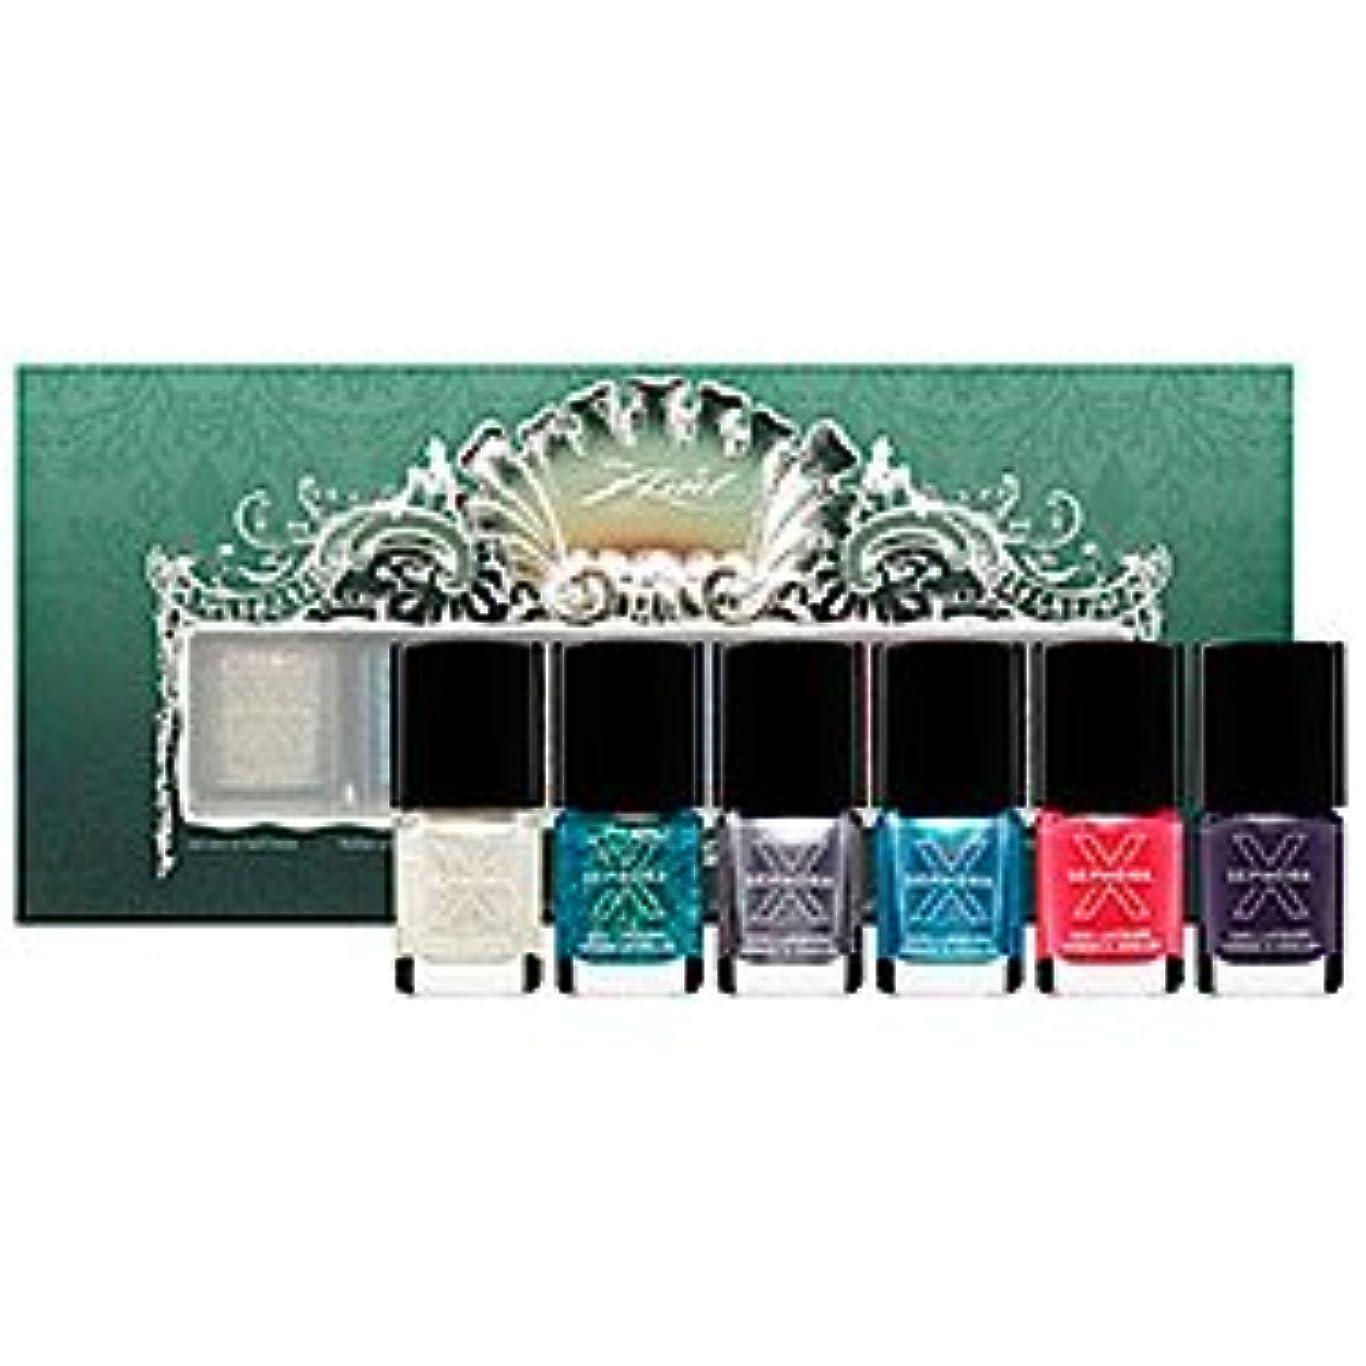 植物学者おなじみの大きさDisney Sephora Ariel Whatcha-Nail-Callit 6 Piece Nail Set (ディズニー セフォラ アリエル ネイル カラー 6点セット)